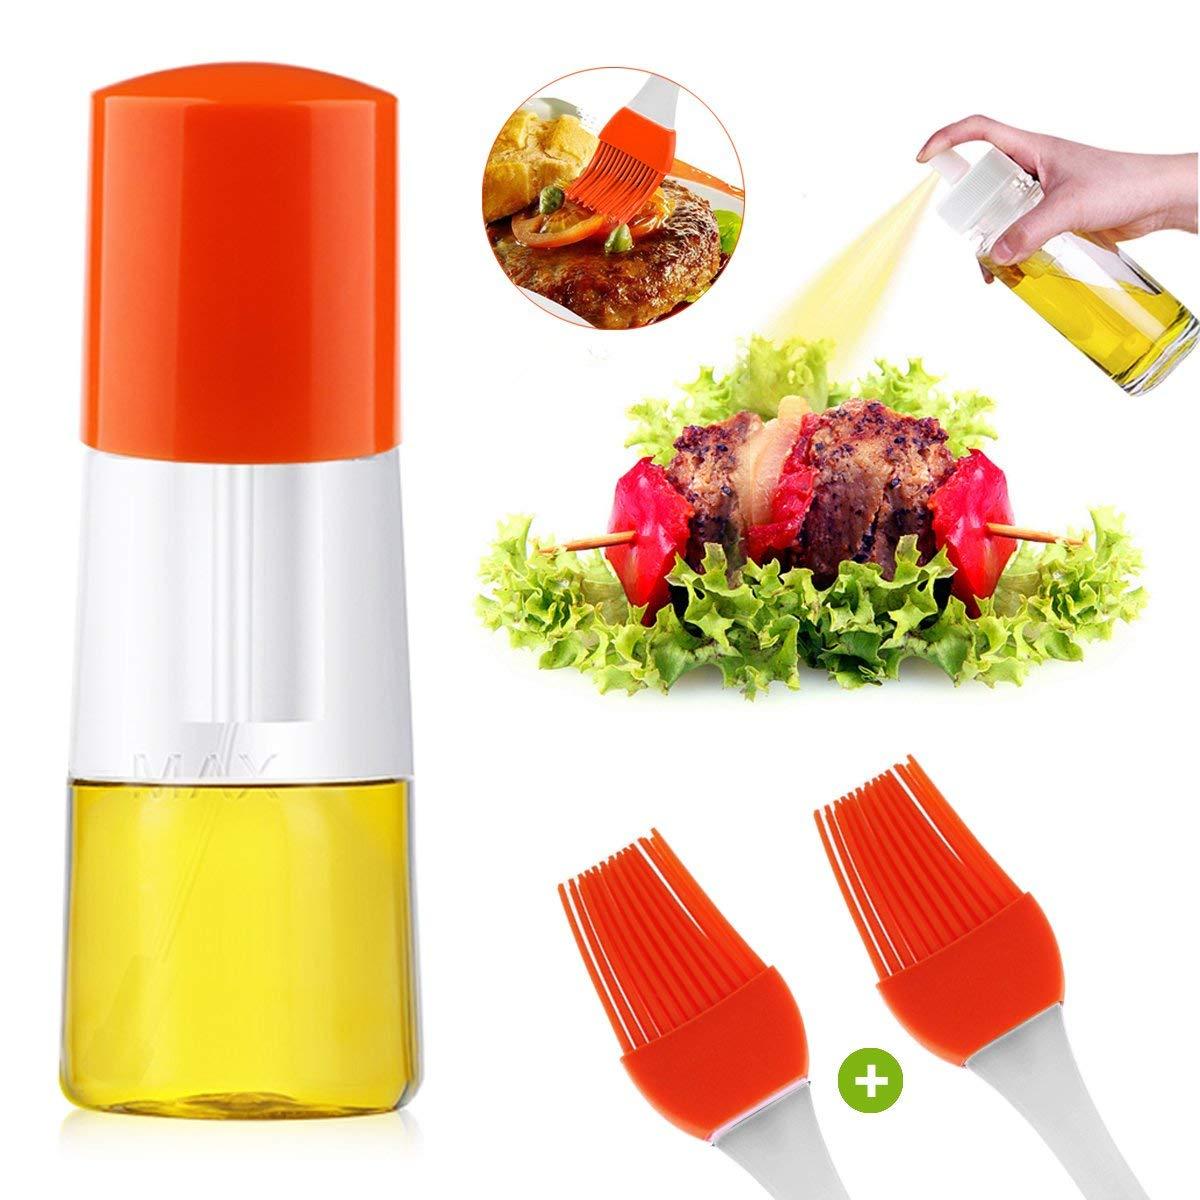 Olive Oil Sprayer,Pump Oil Misting Food-grade Bottle Vinegar Bottle Oil Dispenser for BBQ, Making Salad,Cooking,Baking, Roasting, Grilling, Frying (Orange 01)